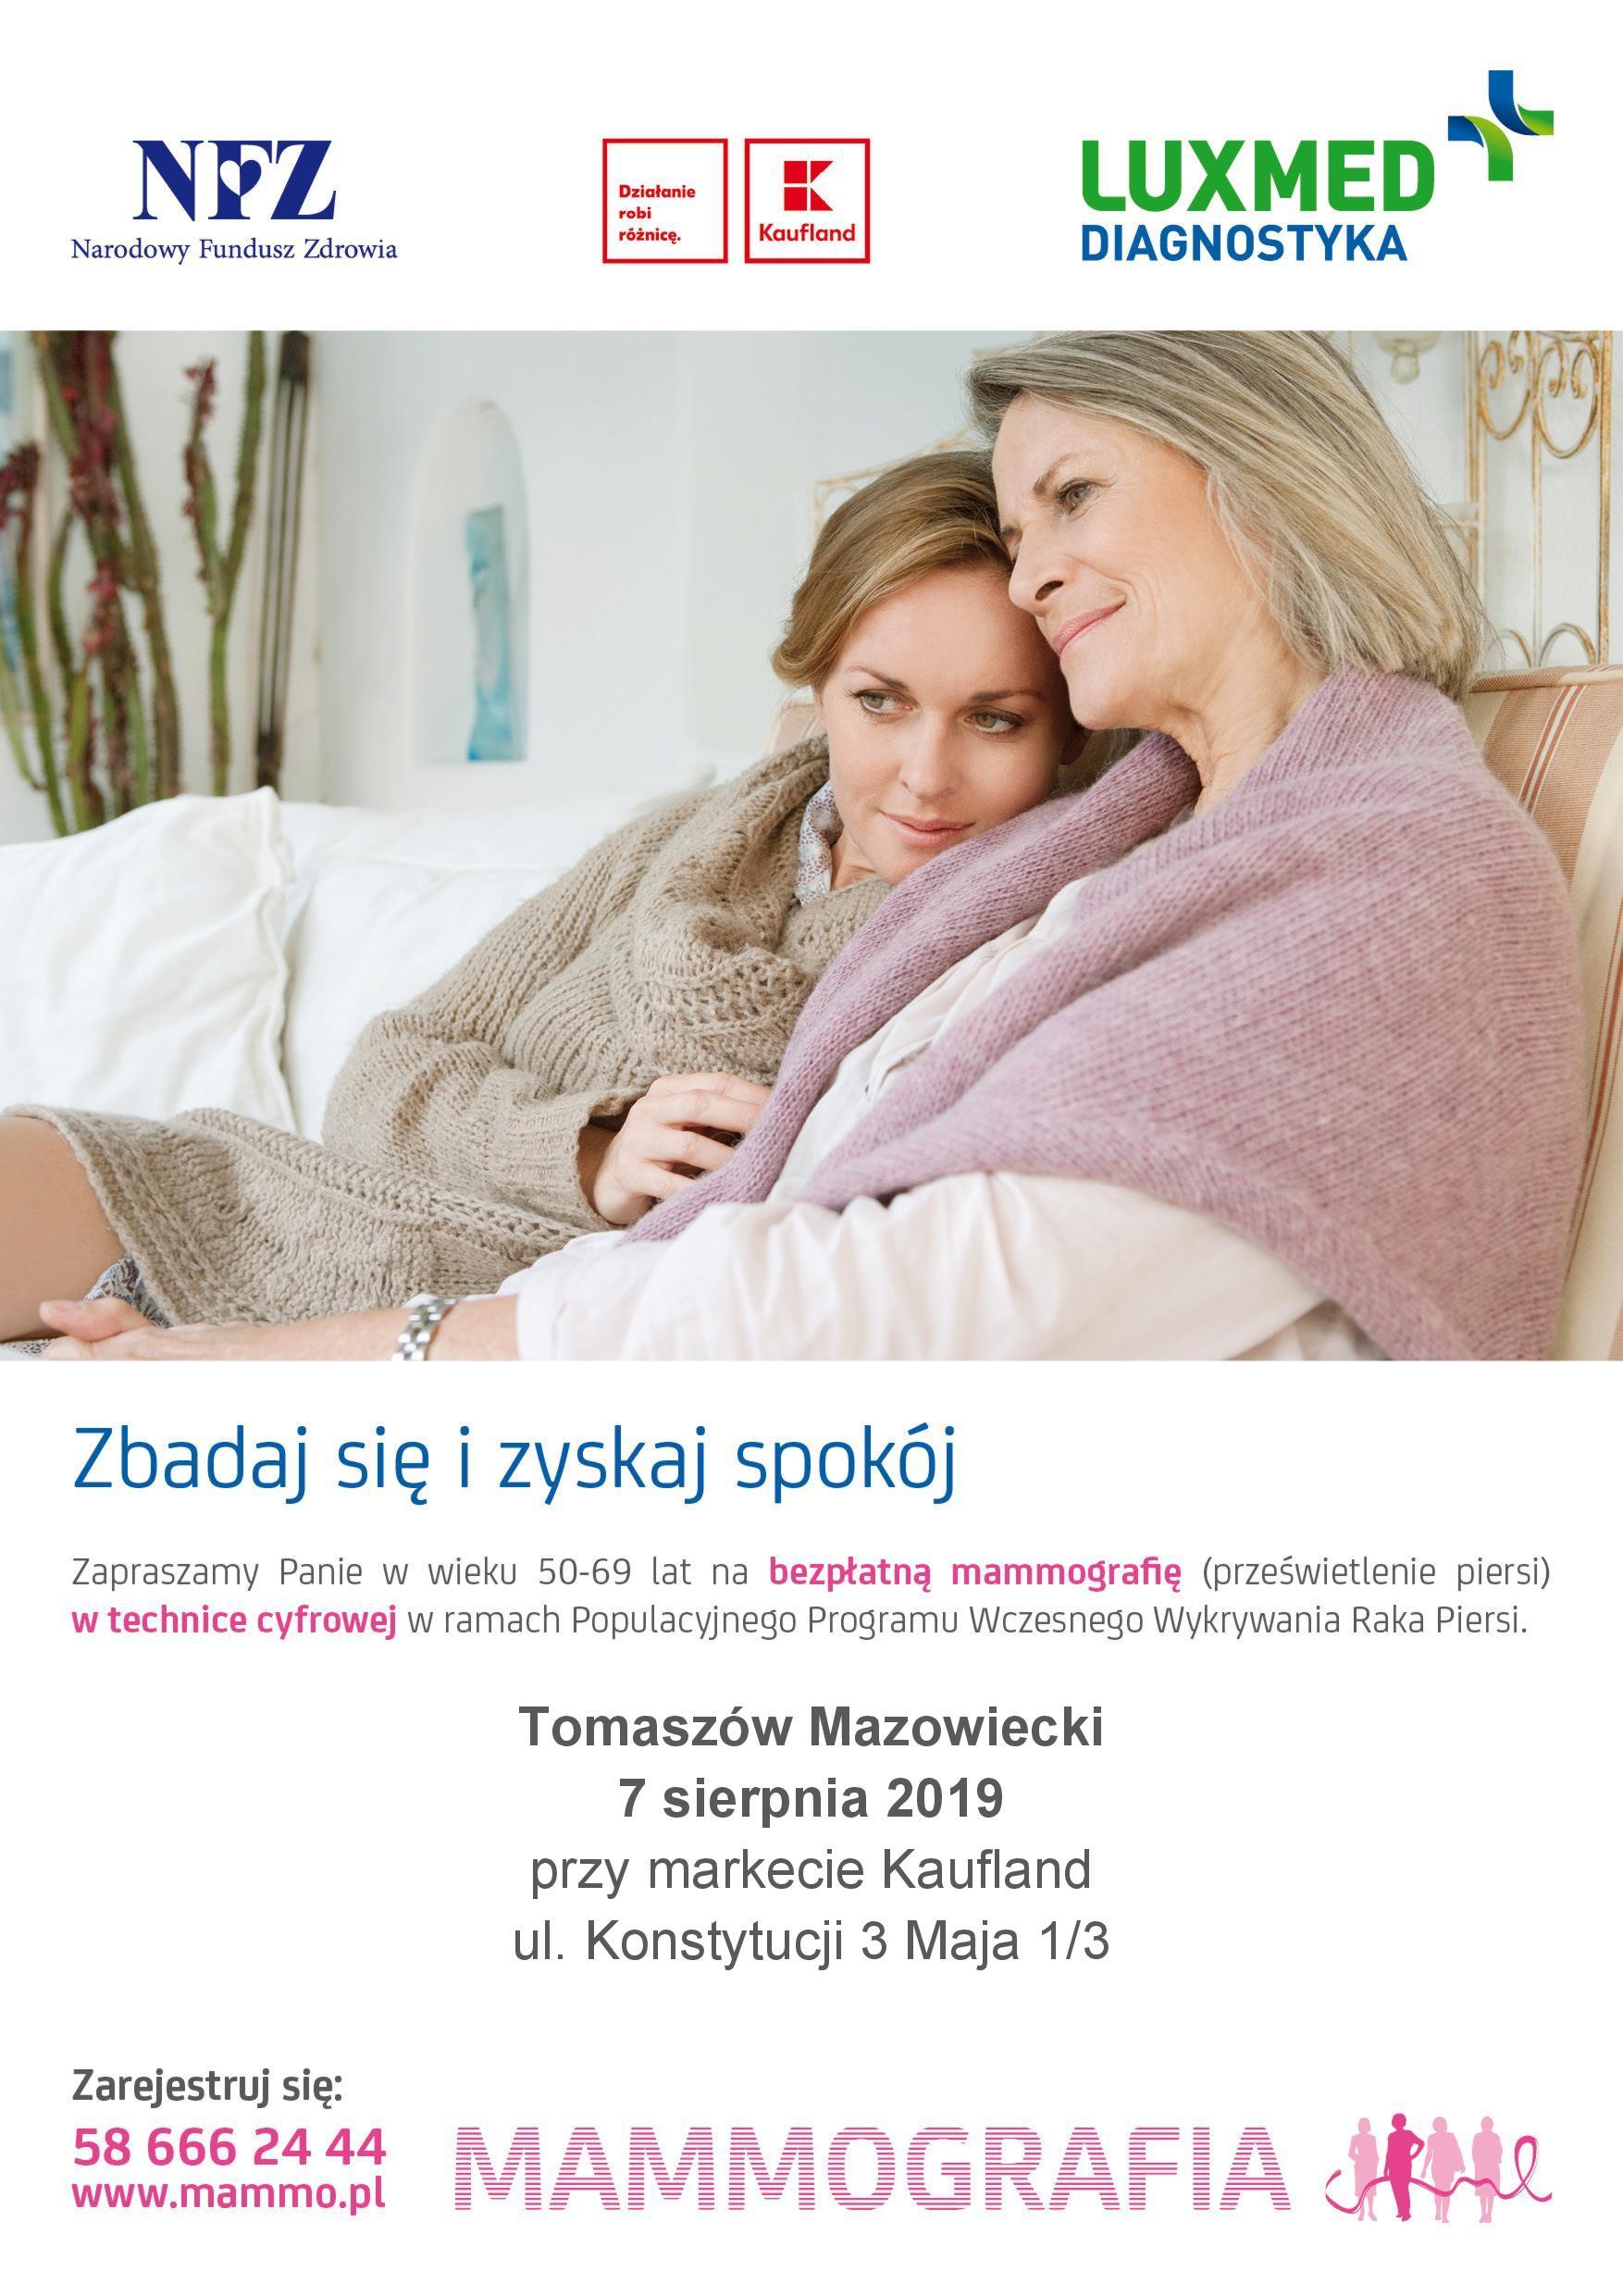 Plakat zapowiadający badania mammograficzne w Tomaszowie 7 sierpnia